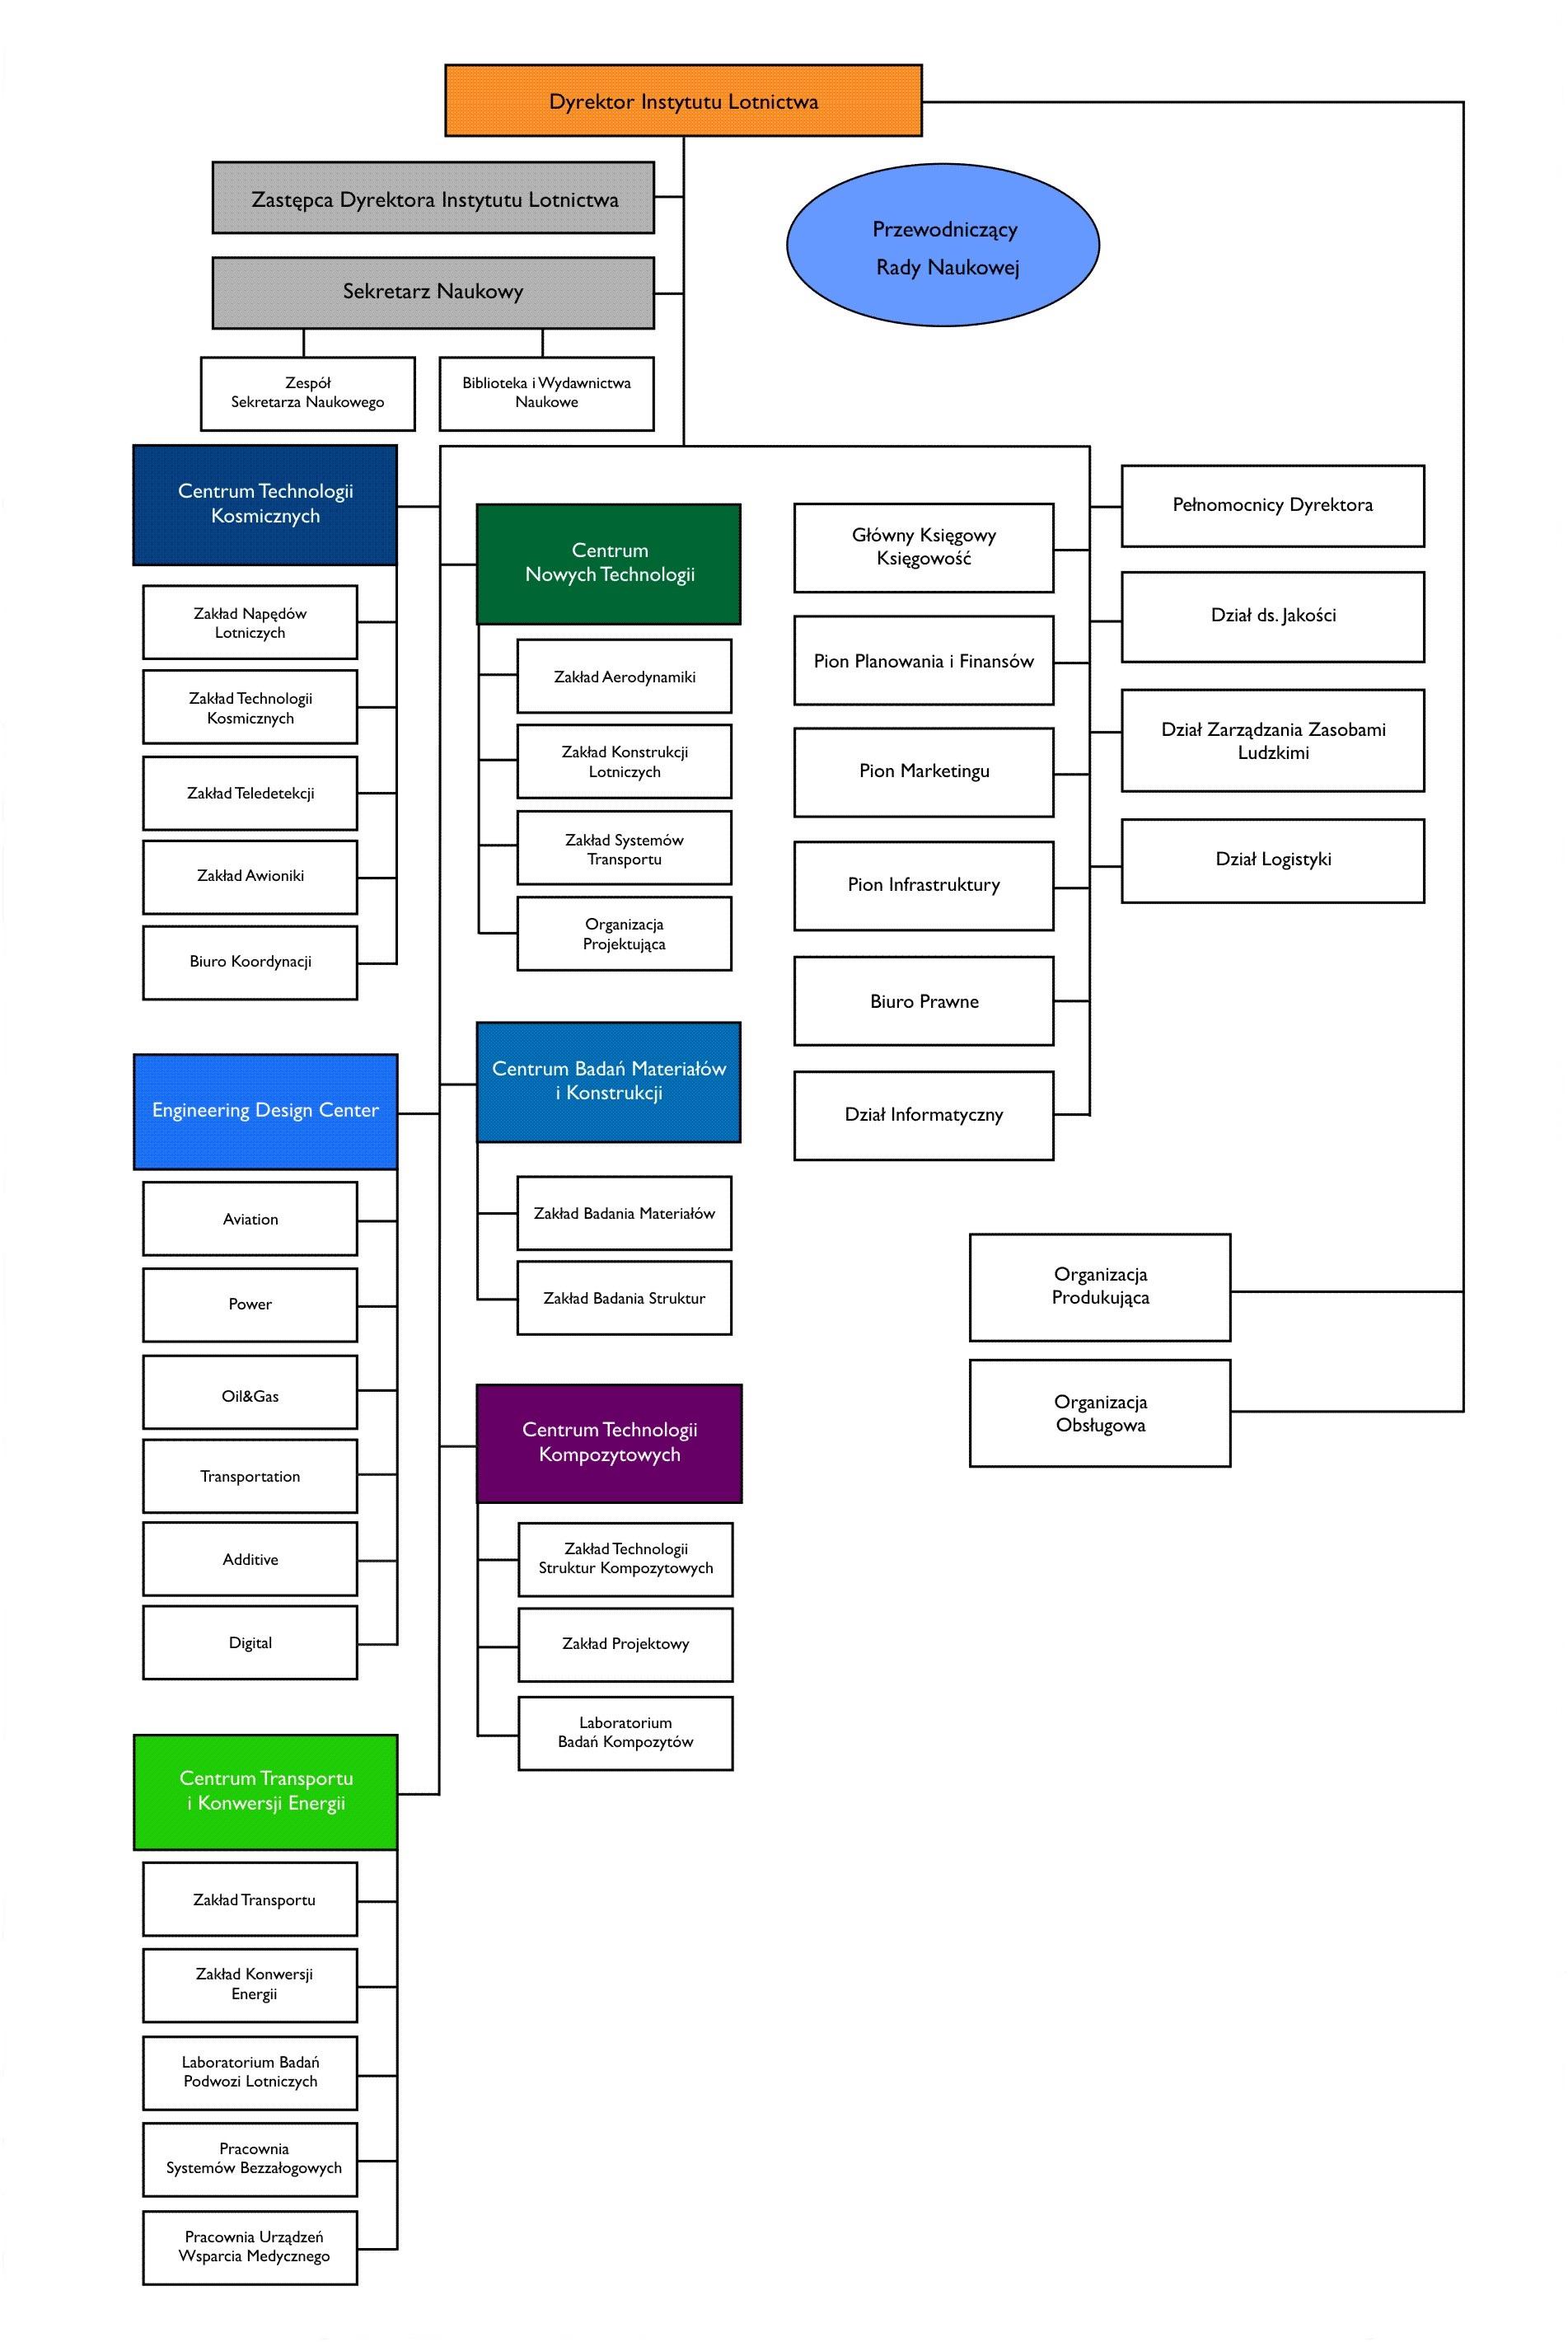 struktura Instytutu - maj 2017